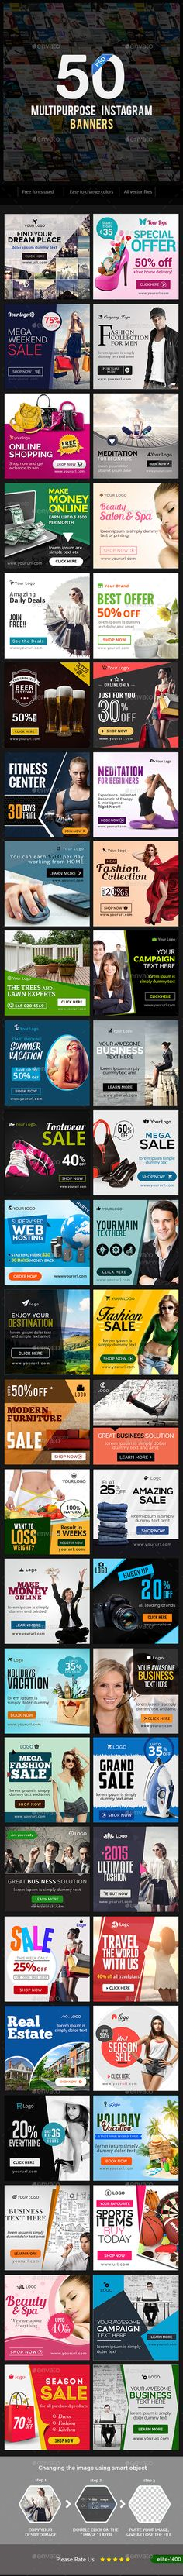 Multipurpose Instagram Banner Templates - 50 Designs